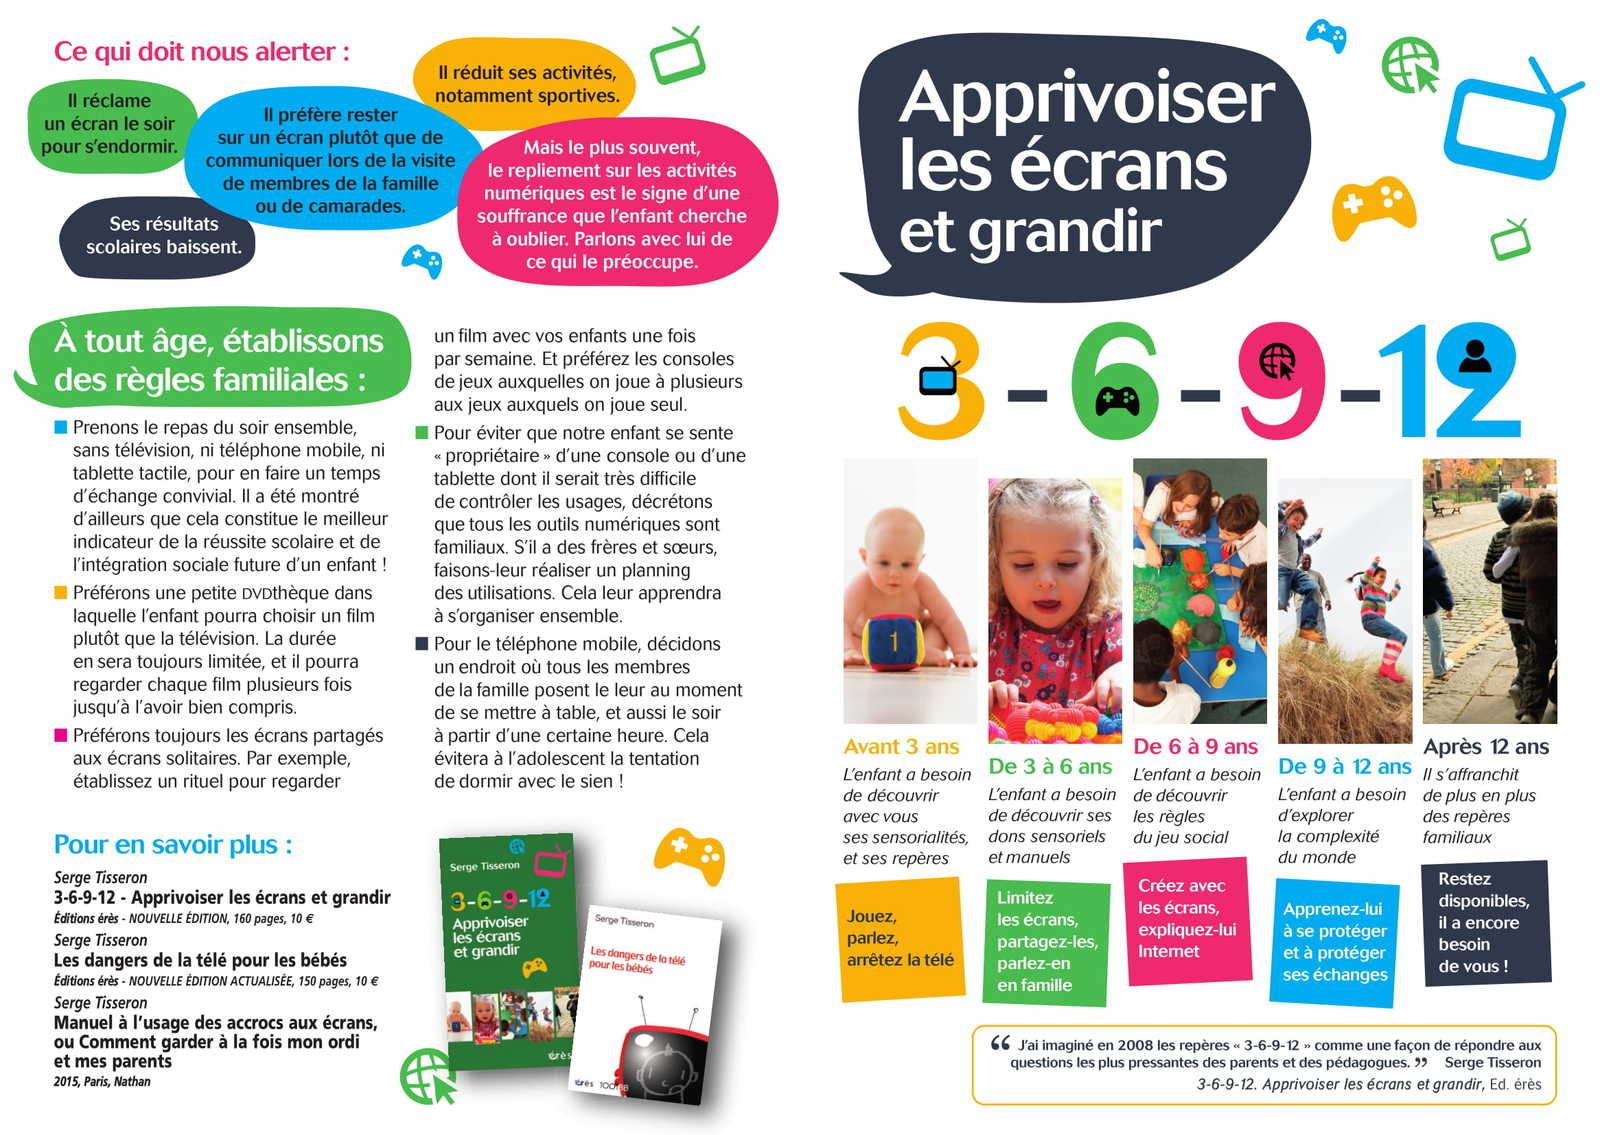 Enfants Et Écrans : La Règle Du 3-6-9-12 Qu'il Faut concernant Jeux Ordinateur Enfant